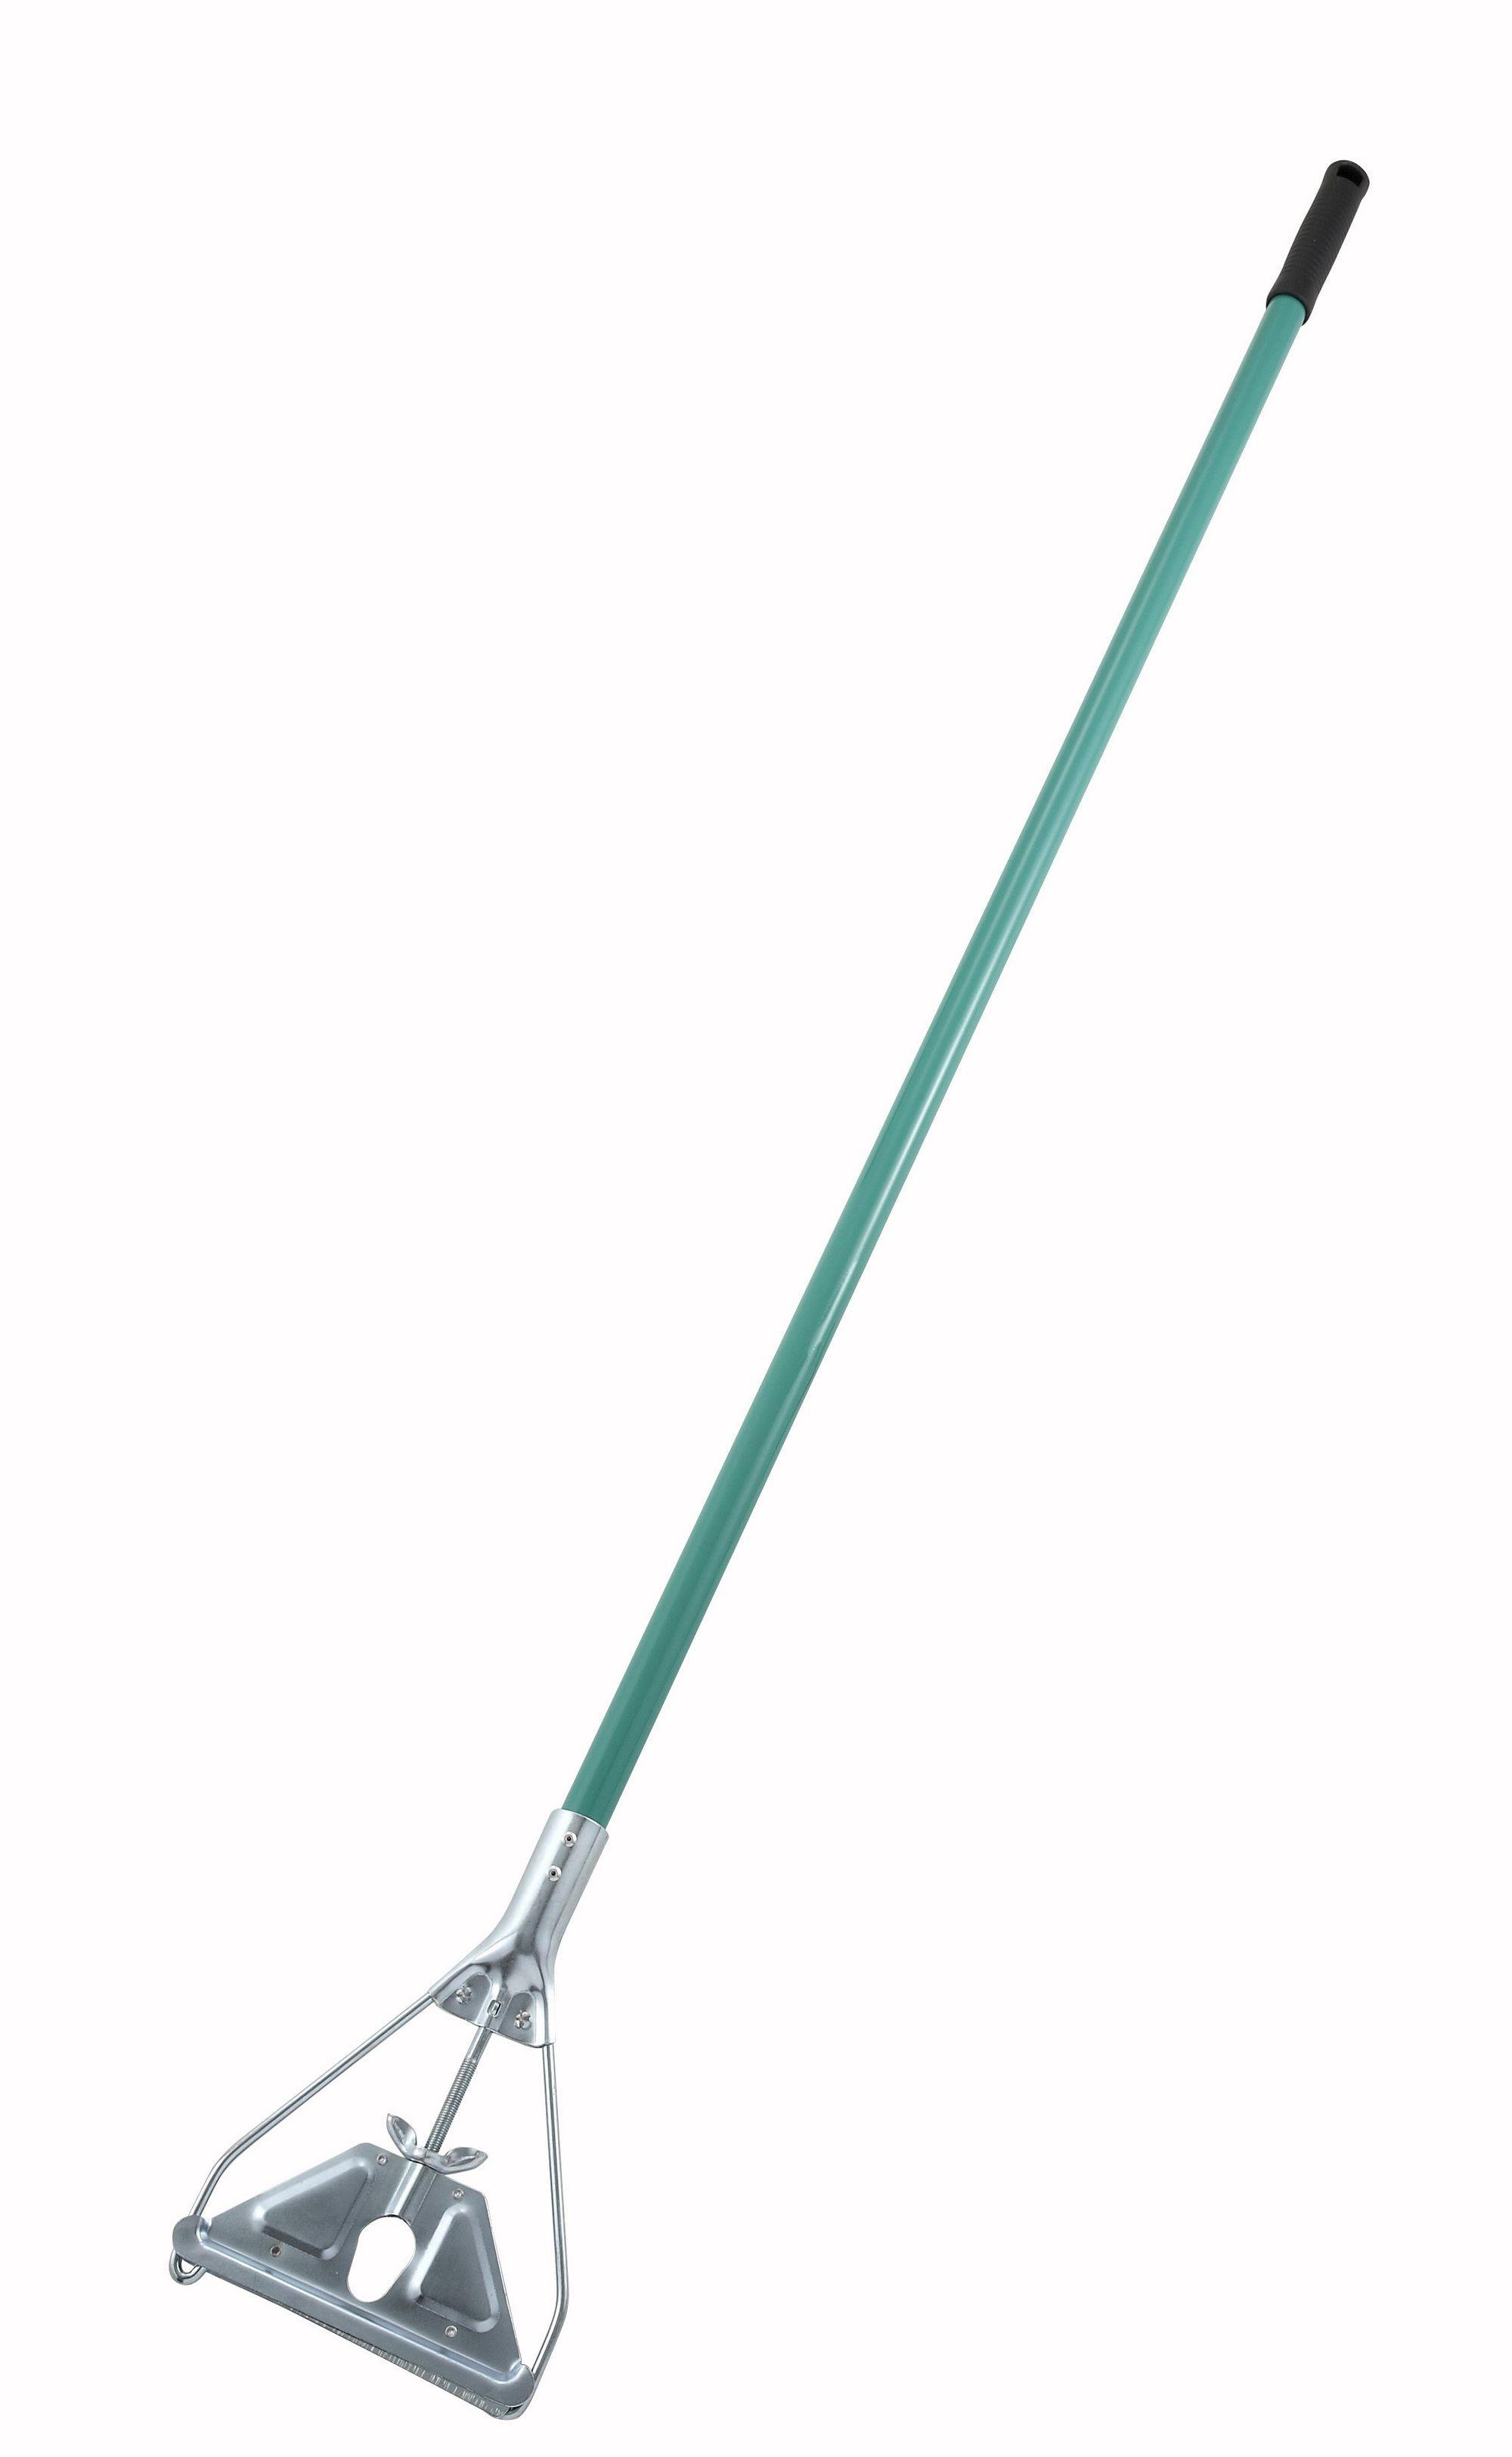 Quick Change Metal Mop Handle With Metal Head 60